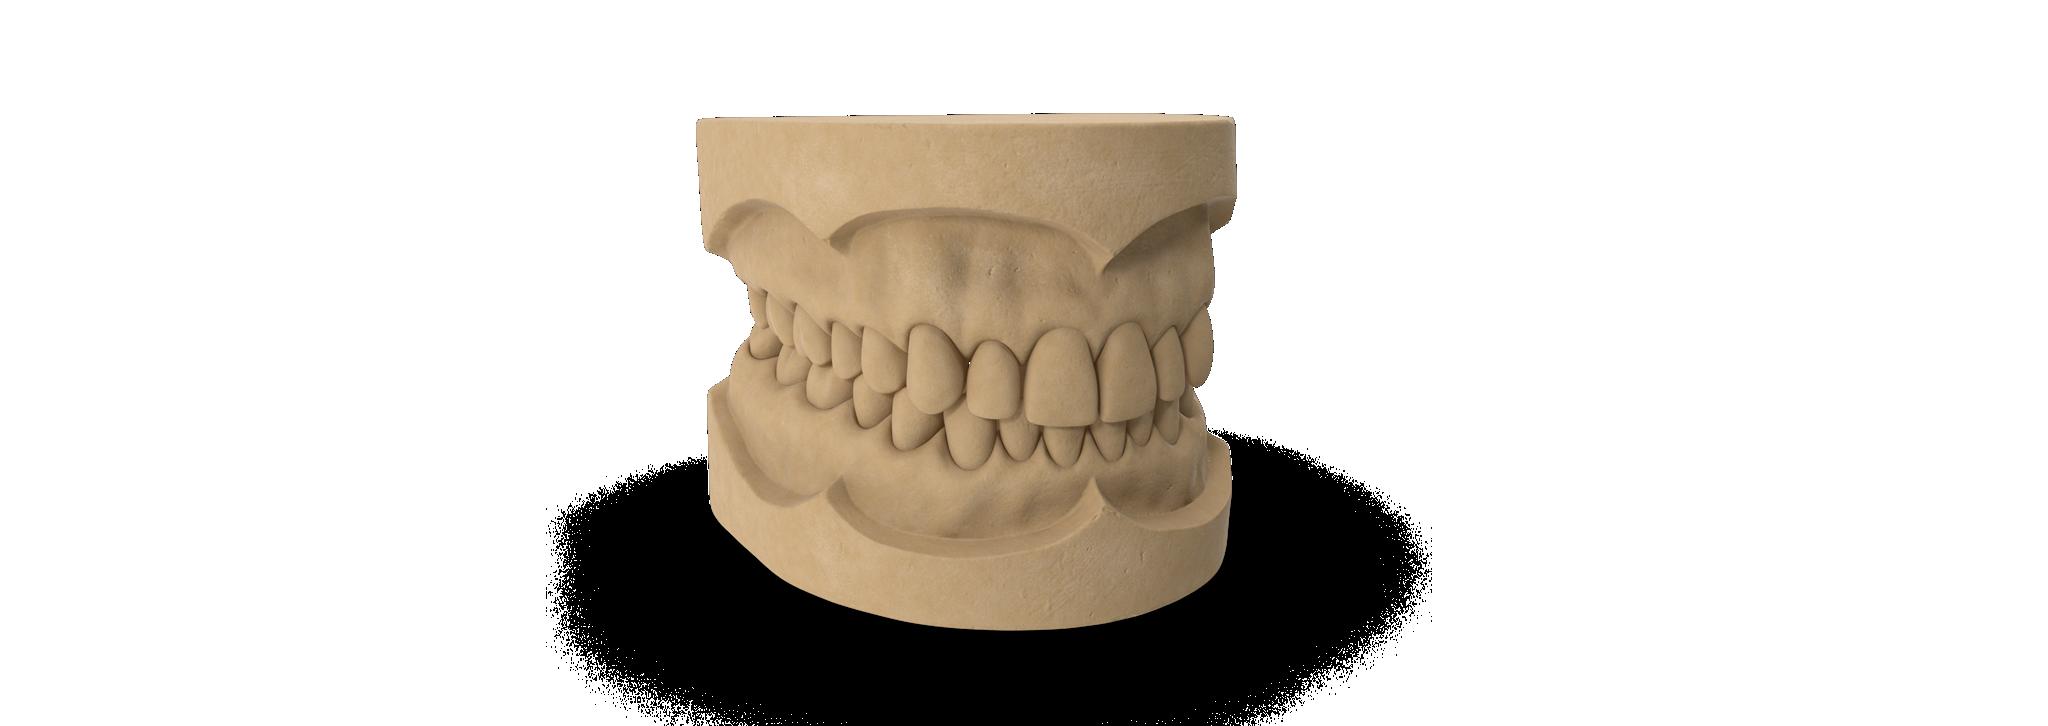 Dental Mold.H16.2k.png